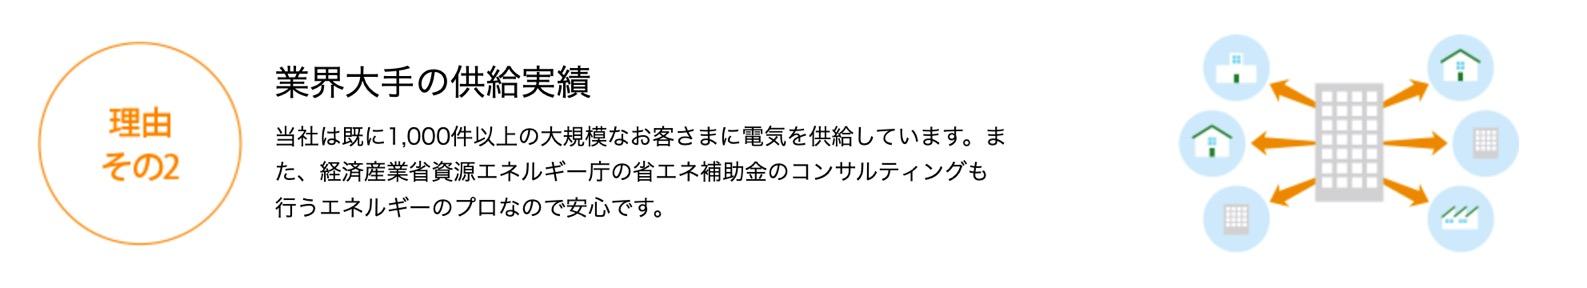 【リミックスでんき】の特徴2:業界大手の供給実績